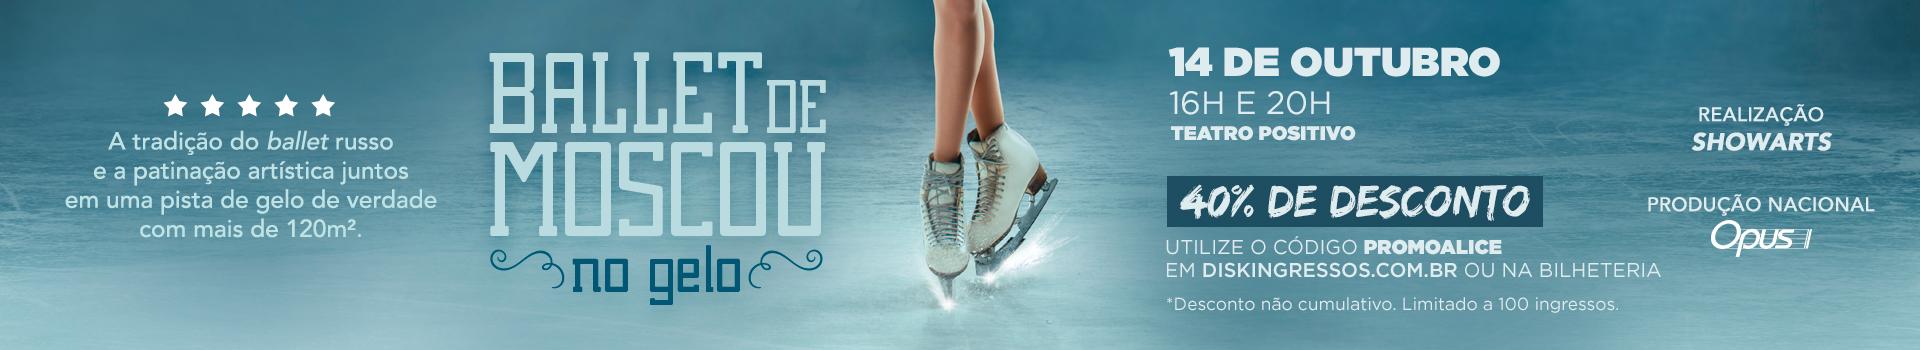 Ballet de Moscou